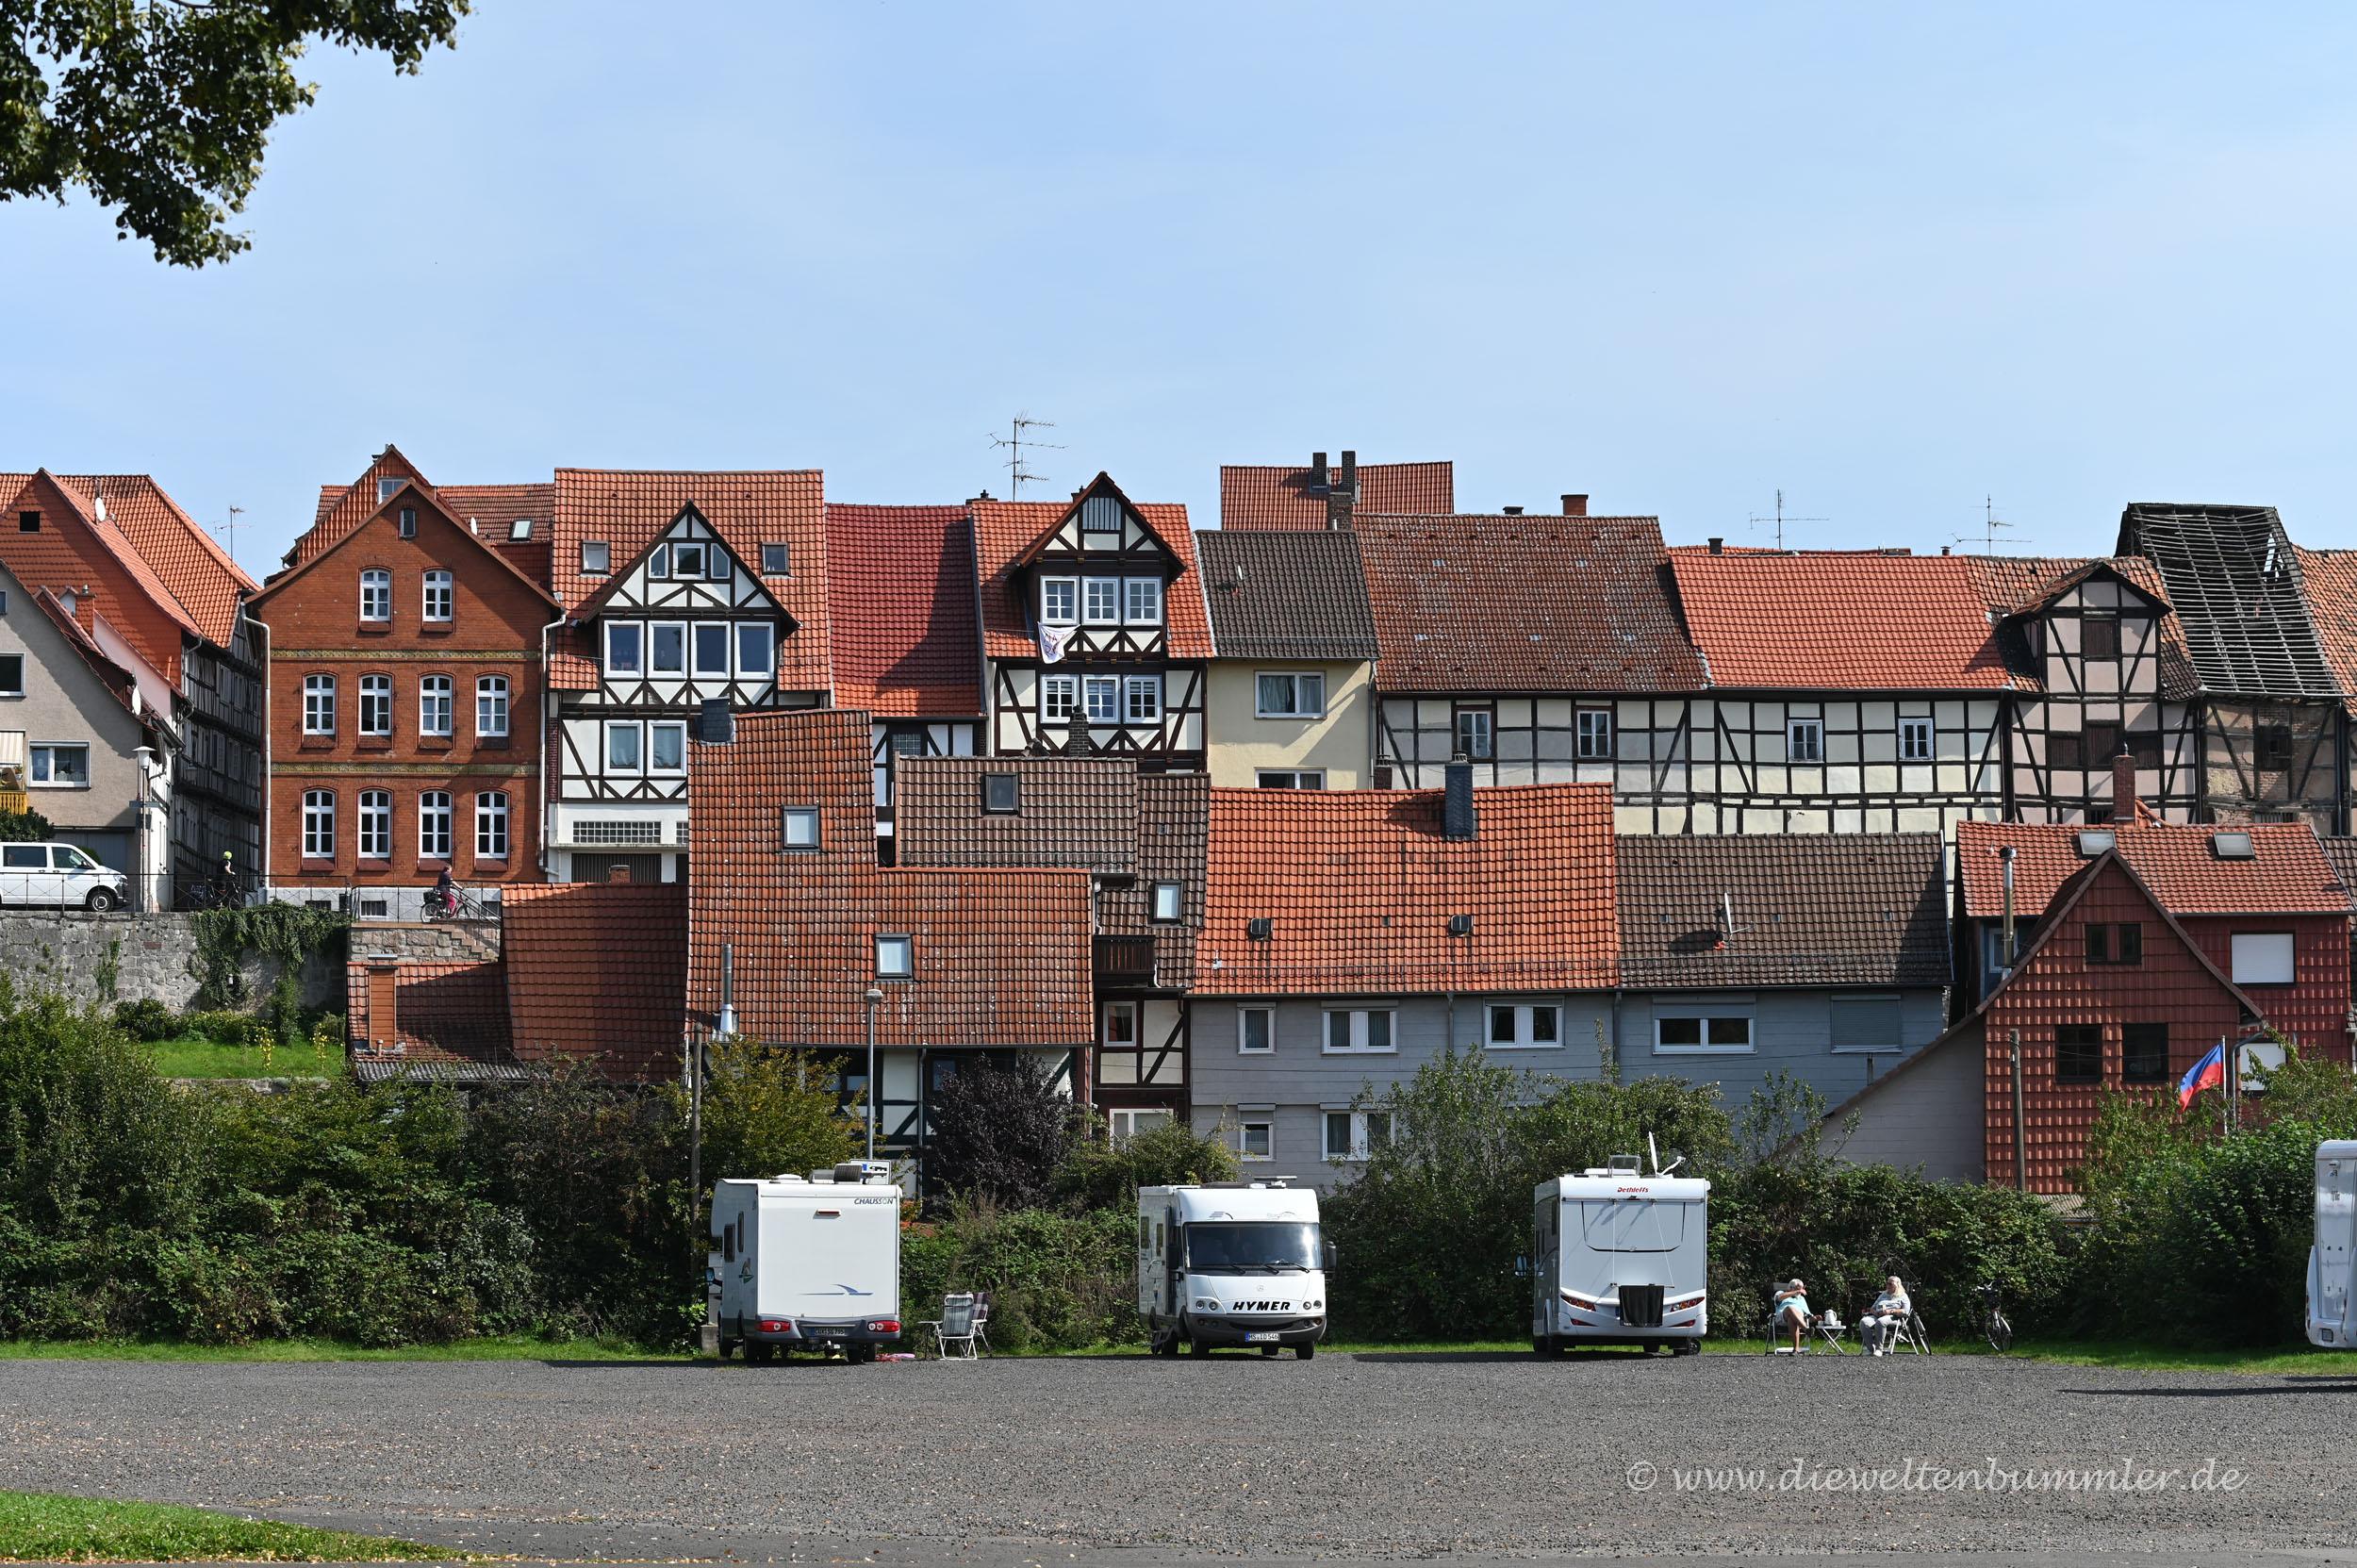 Wohnmobilstellplatz Bad Sooden-Allendorf